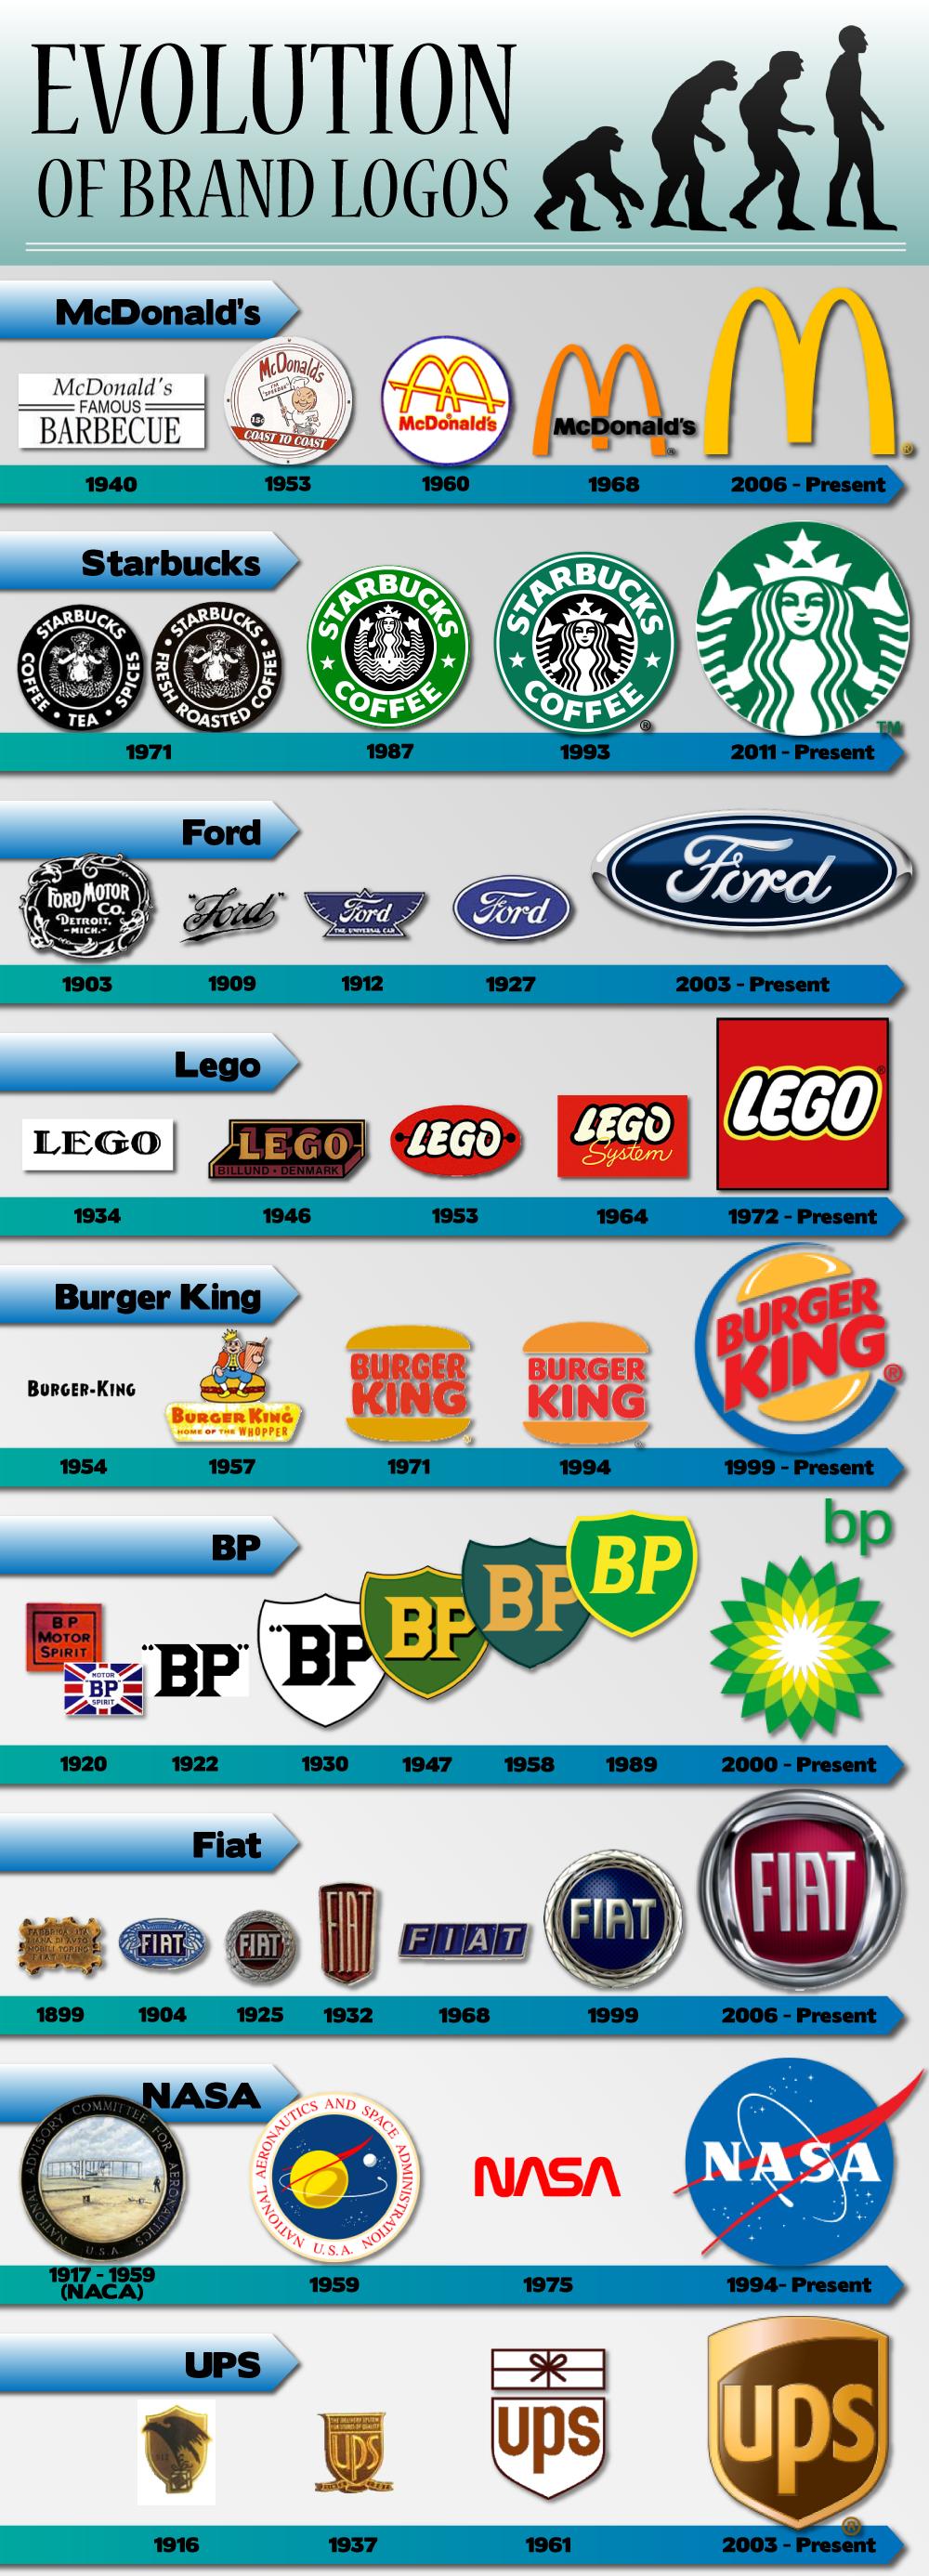 Infographic Verandering logo's van tech bedrijven door de jaren heen